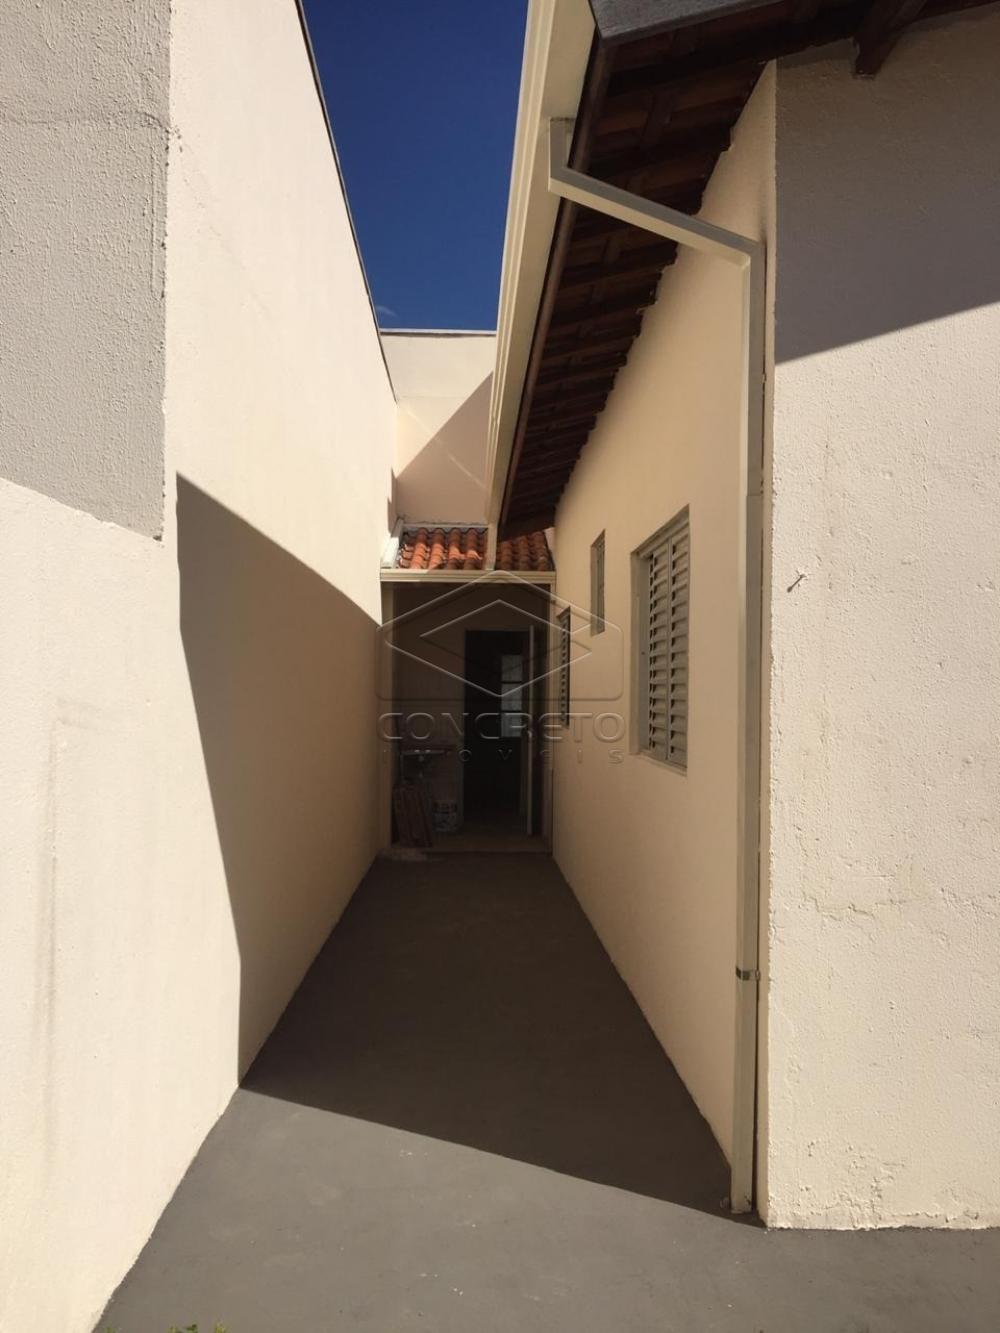 Comprar Casa / Padrão em Bauru apenas R$ 245.000,00 - Foto 13